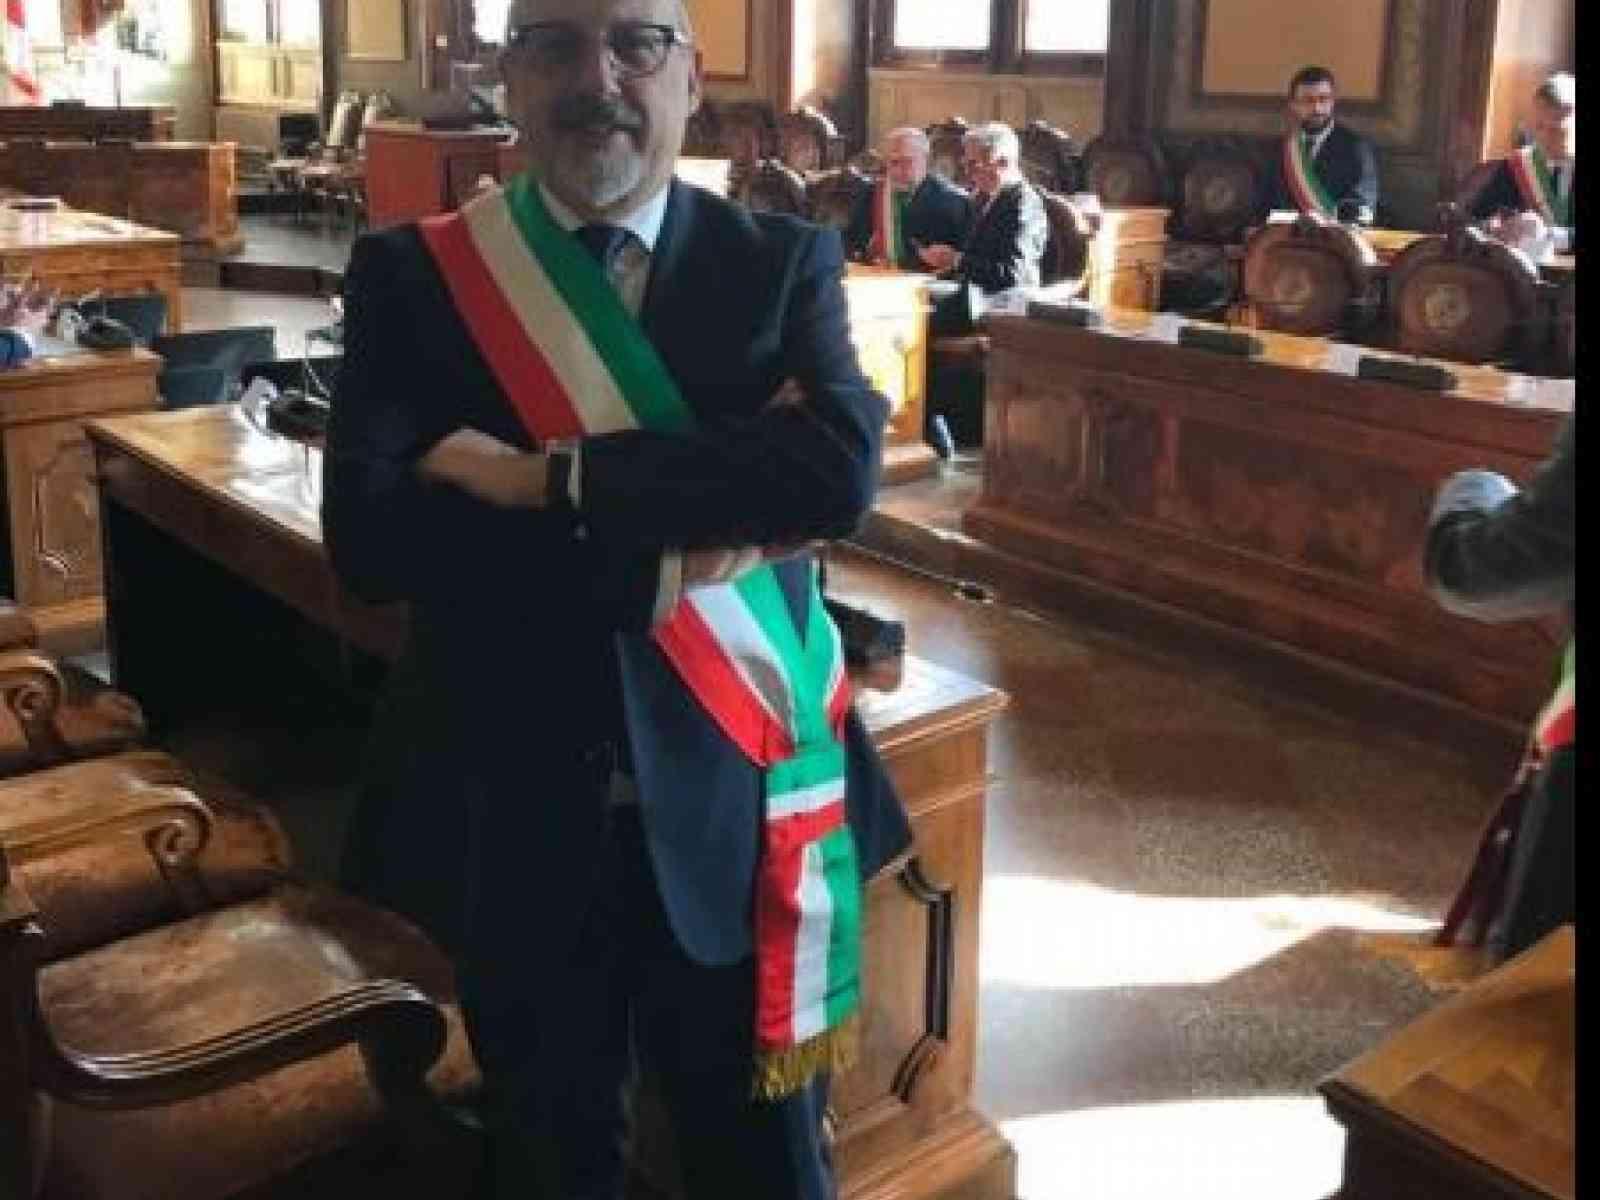 """Immagine articolo: """"Io 'dissidente' e fratello sindaco in difesa di mia sorella Sindaco di Sciacca"""". Franco Valenti sulla questione idrica di Sciacca e non solo"""